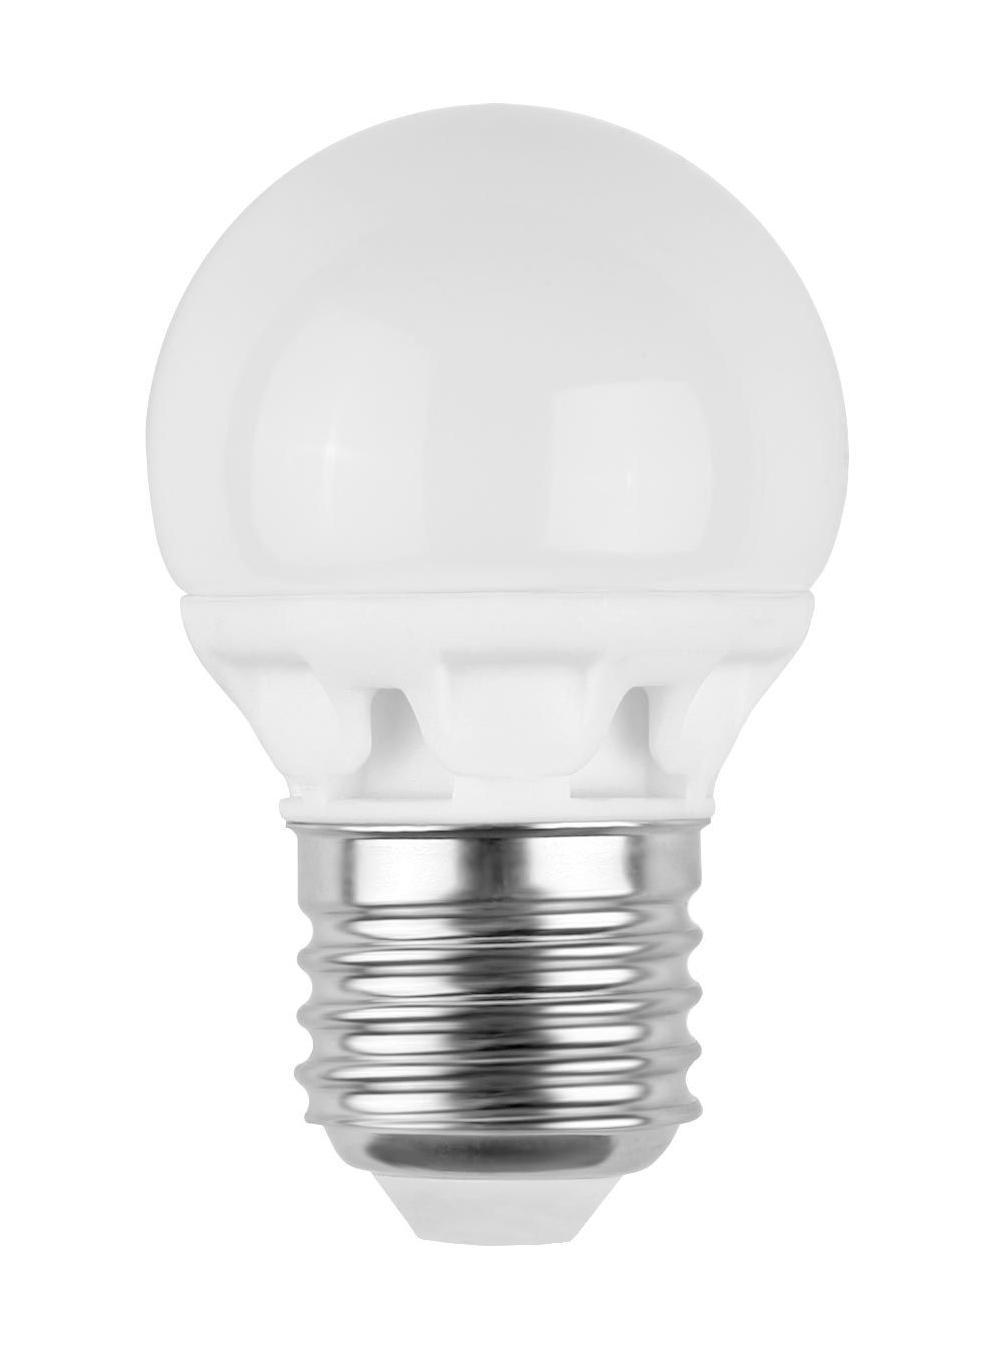 Camelion LED3-G45/845/E27 светодиодная лампа, 3ВтLED3-G45/845/E27Экономят до 80% электроэнергии по сравнению с обычными лампами накаливания такой же яркости.Низкое тепловыделение во время работы лампы - возможность использования в светильниках, критичных к повышенному нагреву.Встроенный ЭПРА - возможность прямой замены ламп накаливания.Универсальное рабочее положение.Включение без мерцания.Отсутствие стробоскопического эффекта при работе.Равномерное распределение света по колбе - мягкий свет не слепит глаза.Высокий уровень цветопередачи (Ra не менее 82) - естественная передача цветов.Широкий температурный диапазон эксплуатации (от -15 oC до +40 oC) - возможность использования ламп вне помещений.Рабочий диапазон напряжений - 220-240В / 50ГцВозможность выбора света различного спектрального состава - теплый белый, холодный белый и дневной белый свет.Компактные размеры - возможность использовать практически в любых светильниках, где применяются лампы накаливания.